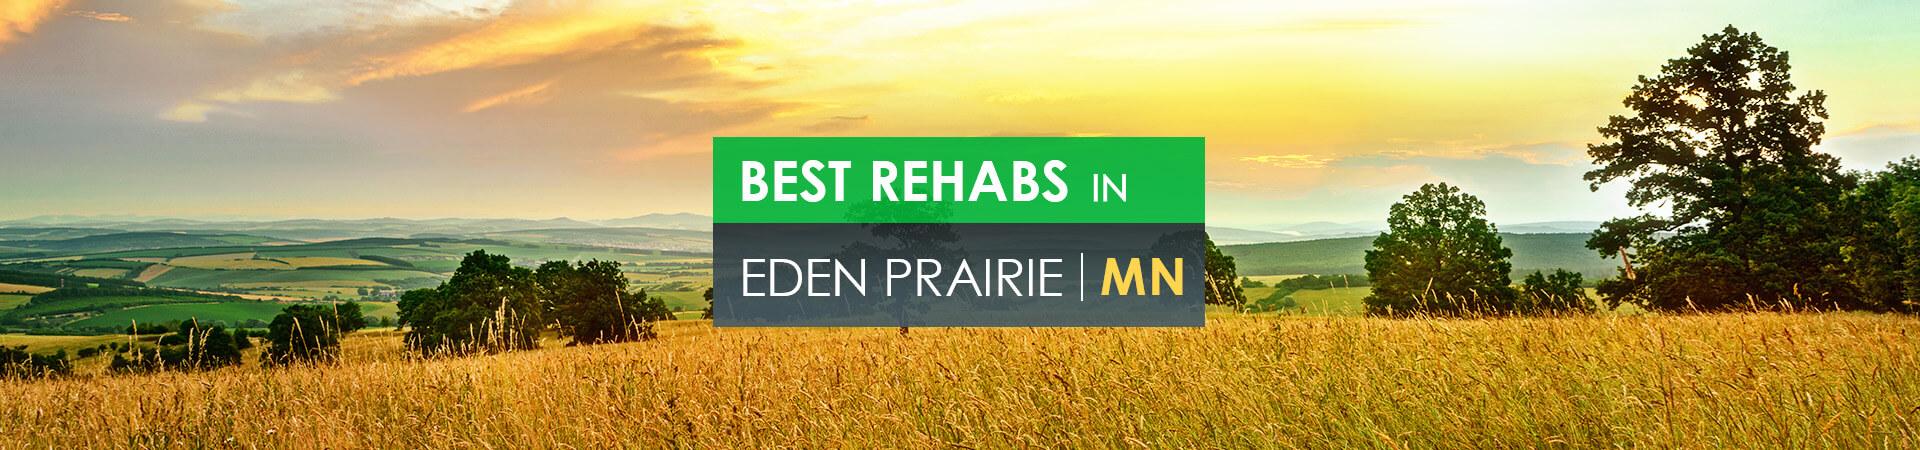 Best rehabs in Eden Prairie, MN